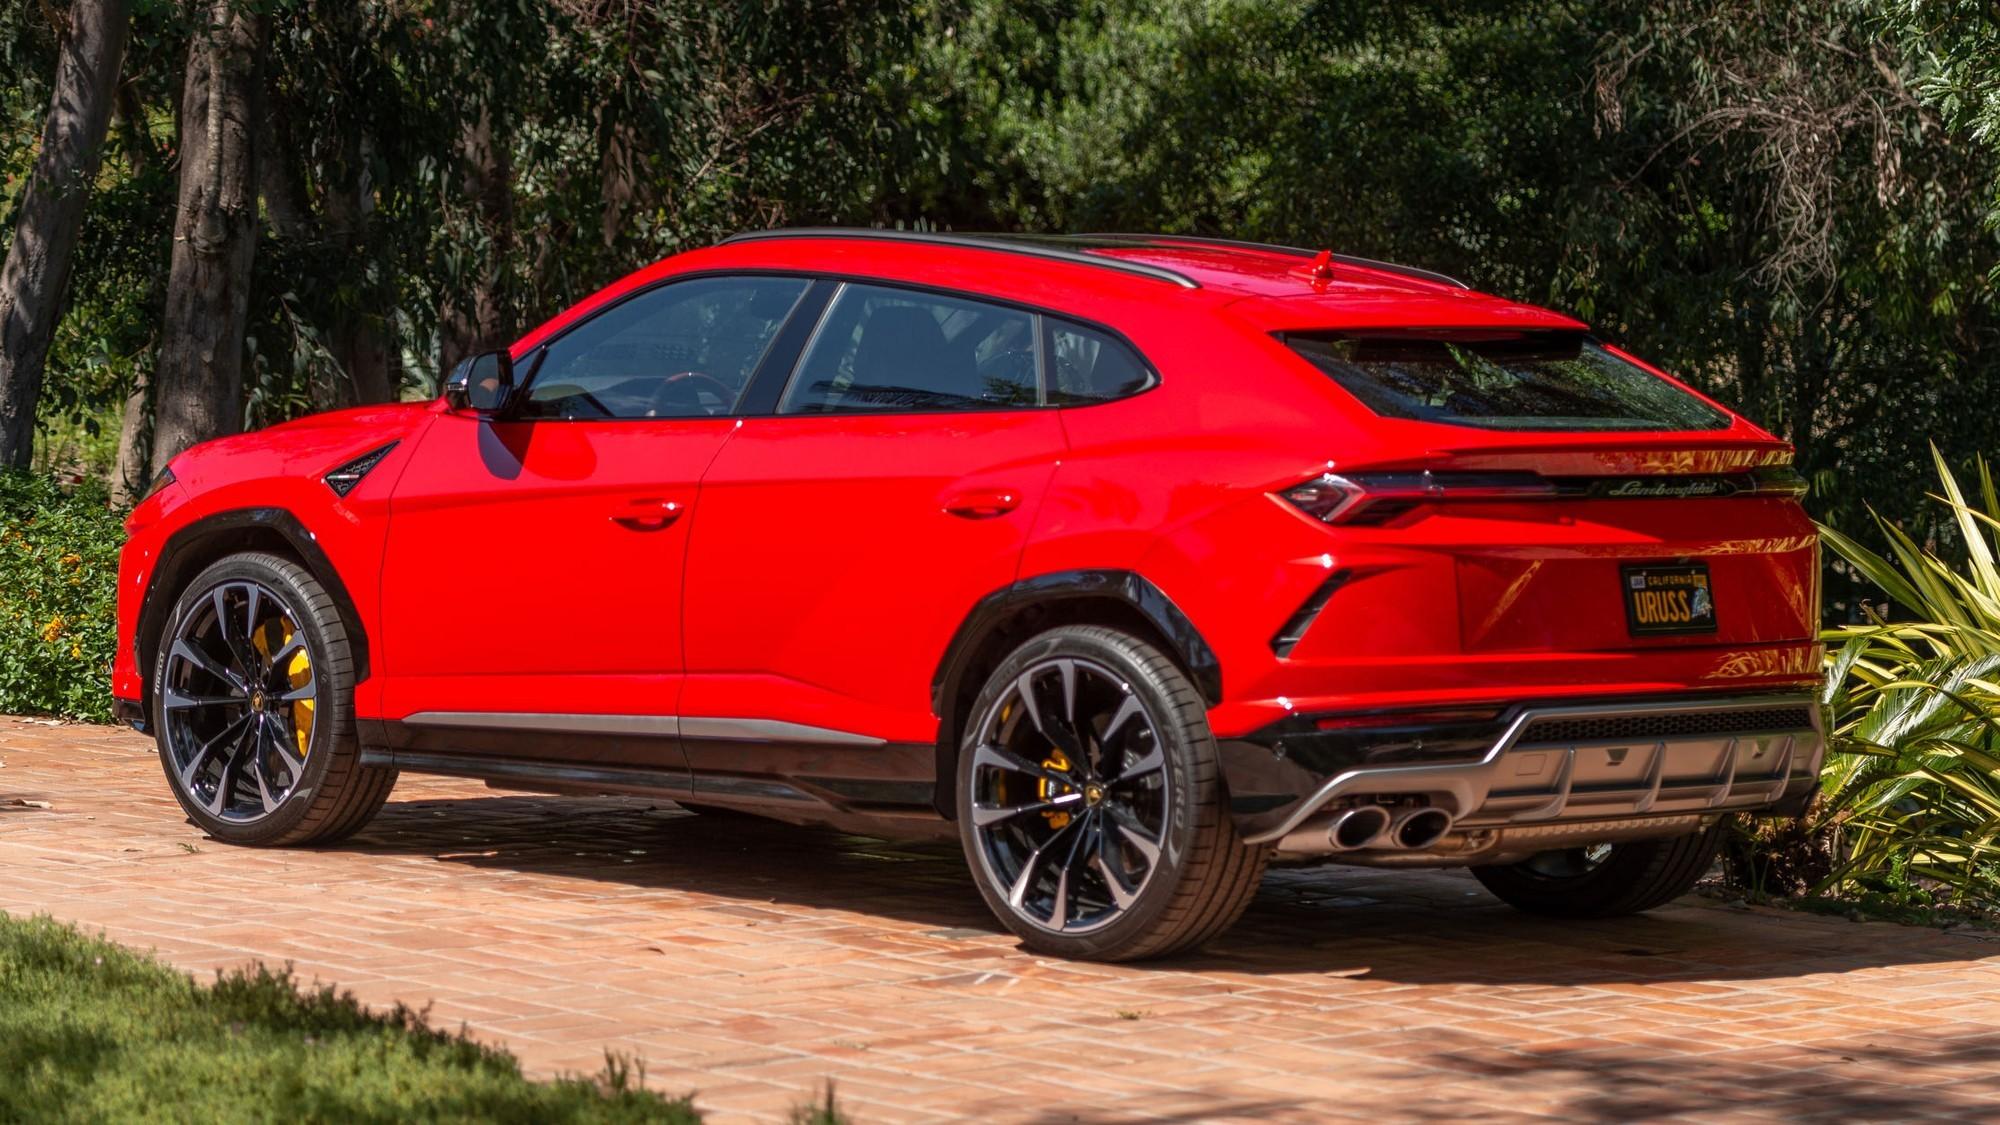 Lamborghini Urus и родственные Audi и Porsche отзывают из-за трещины в двигателе